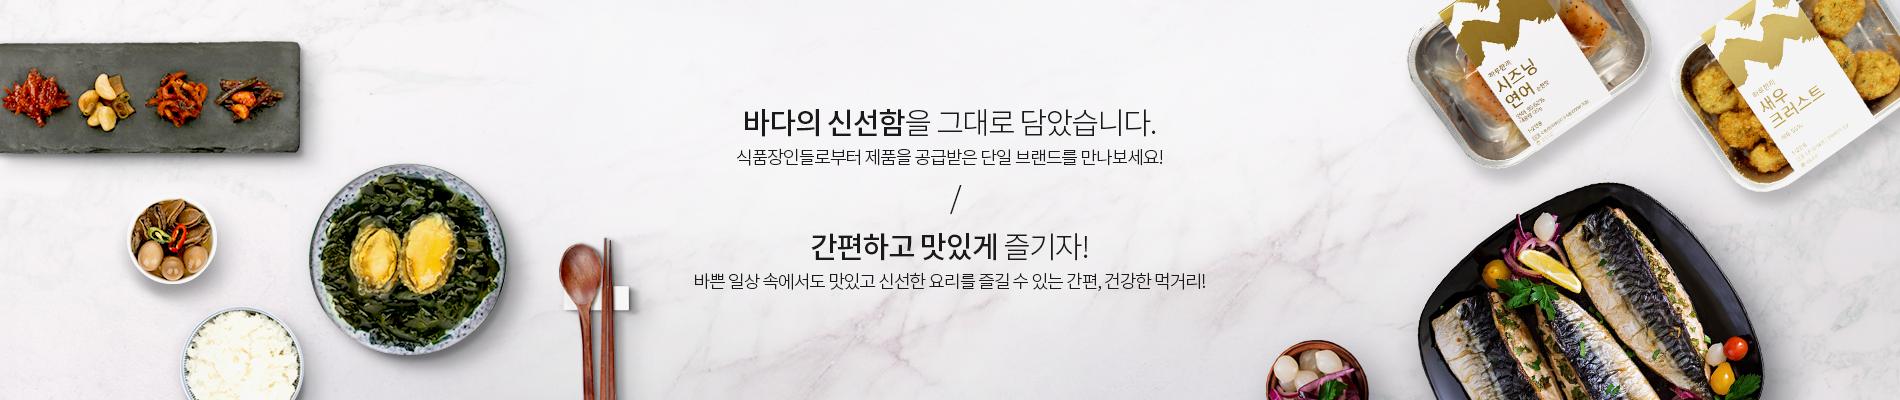 어부의밥상/H-SWEET